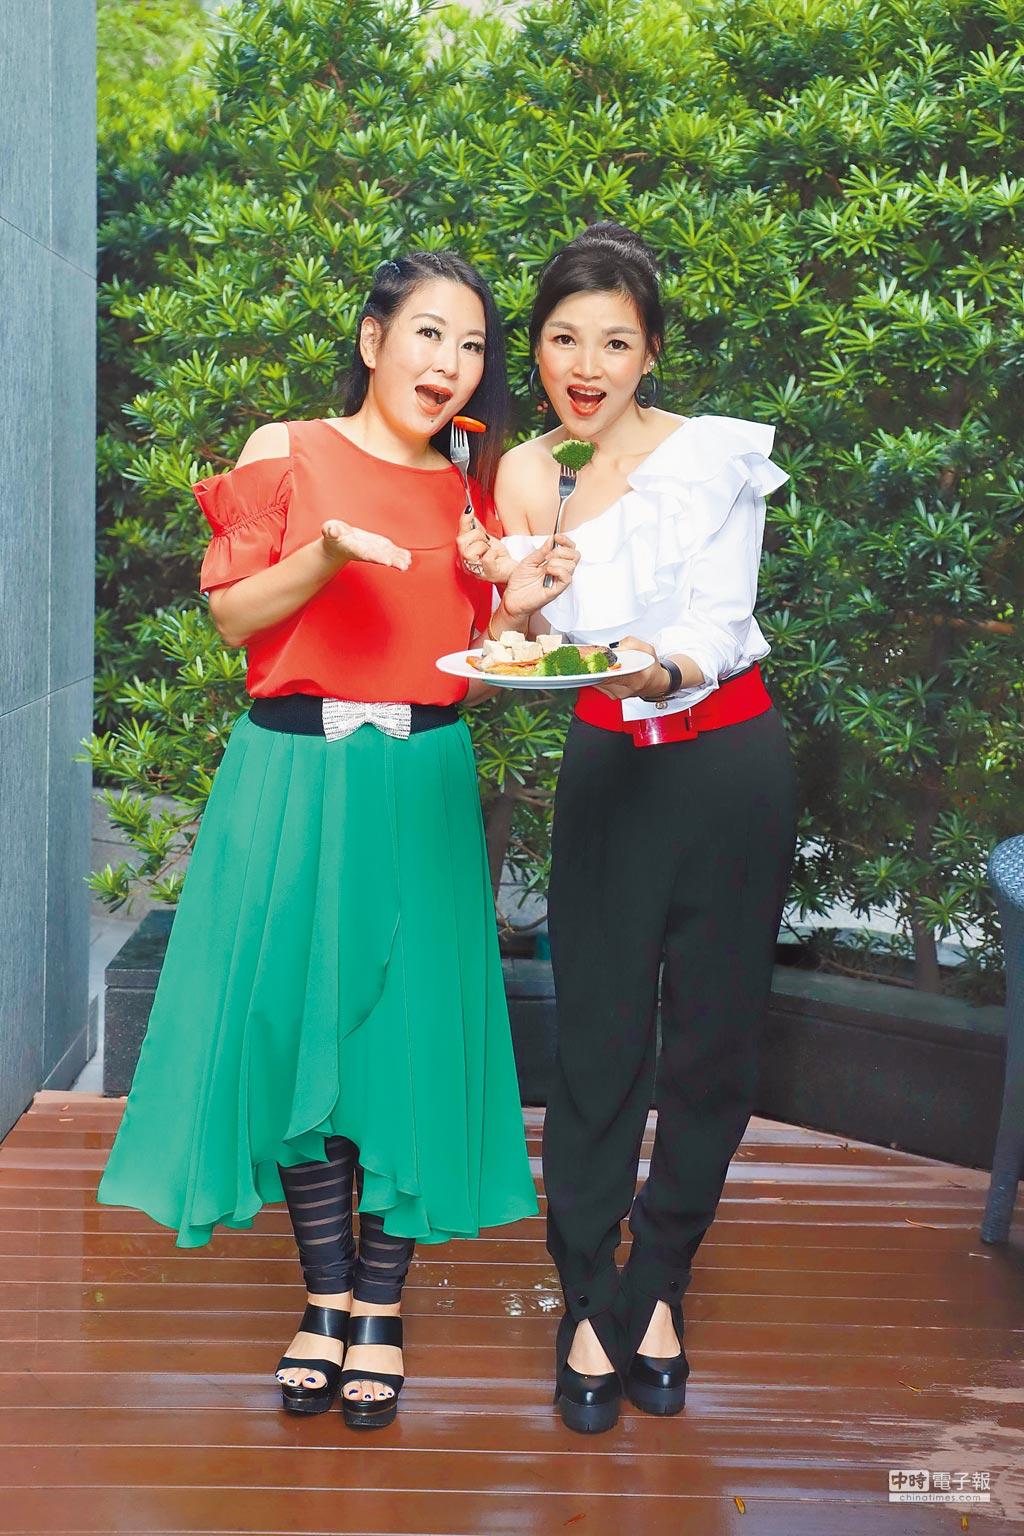 張秀卿(左)邀請談詩玲享用特製減肥餐。